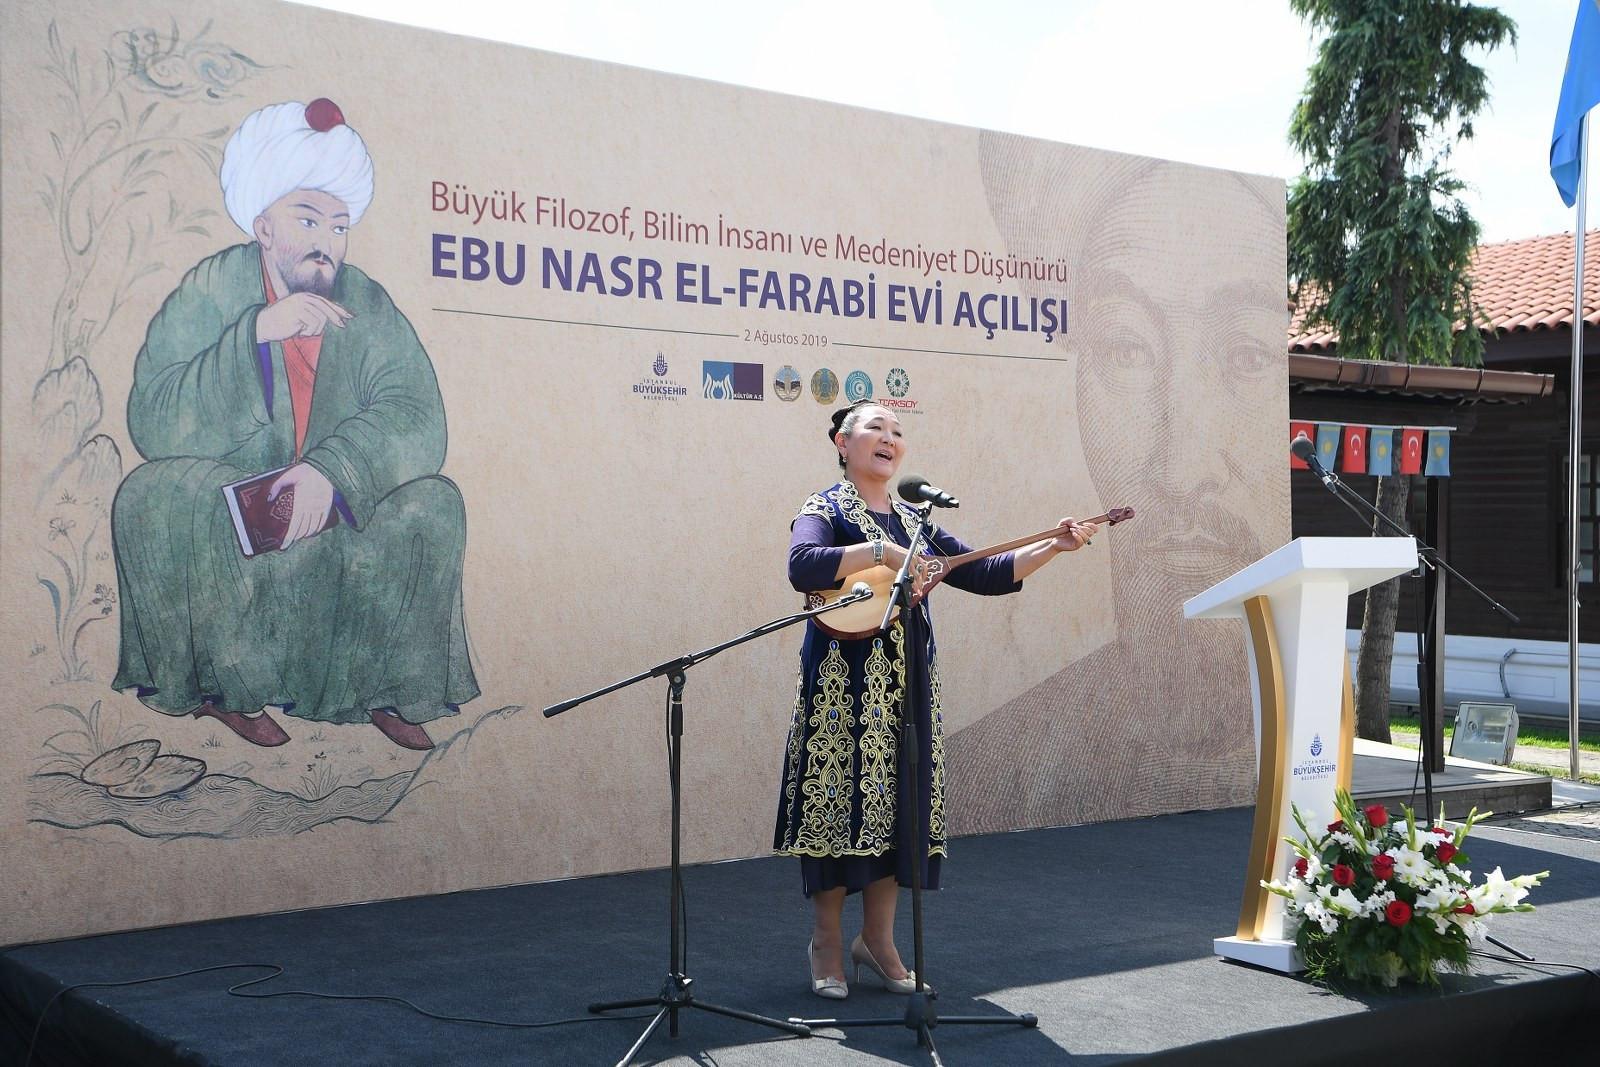 Ebu Nasr El Farabi Evi açıldı Galeri - 9. Resim